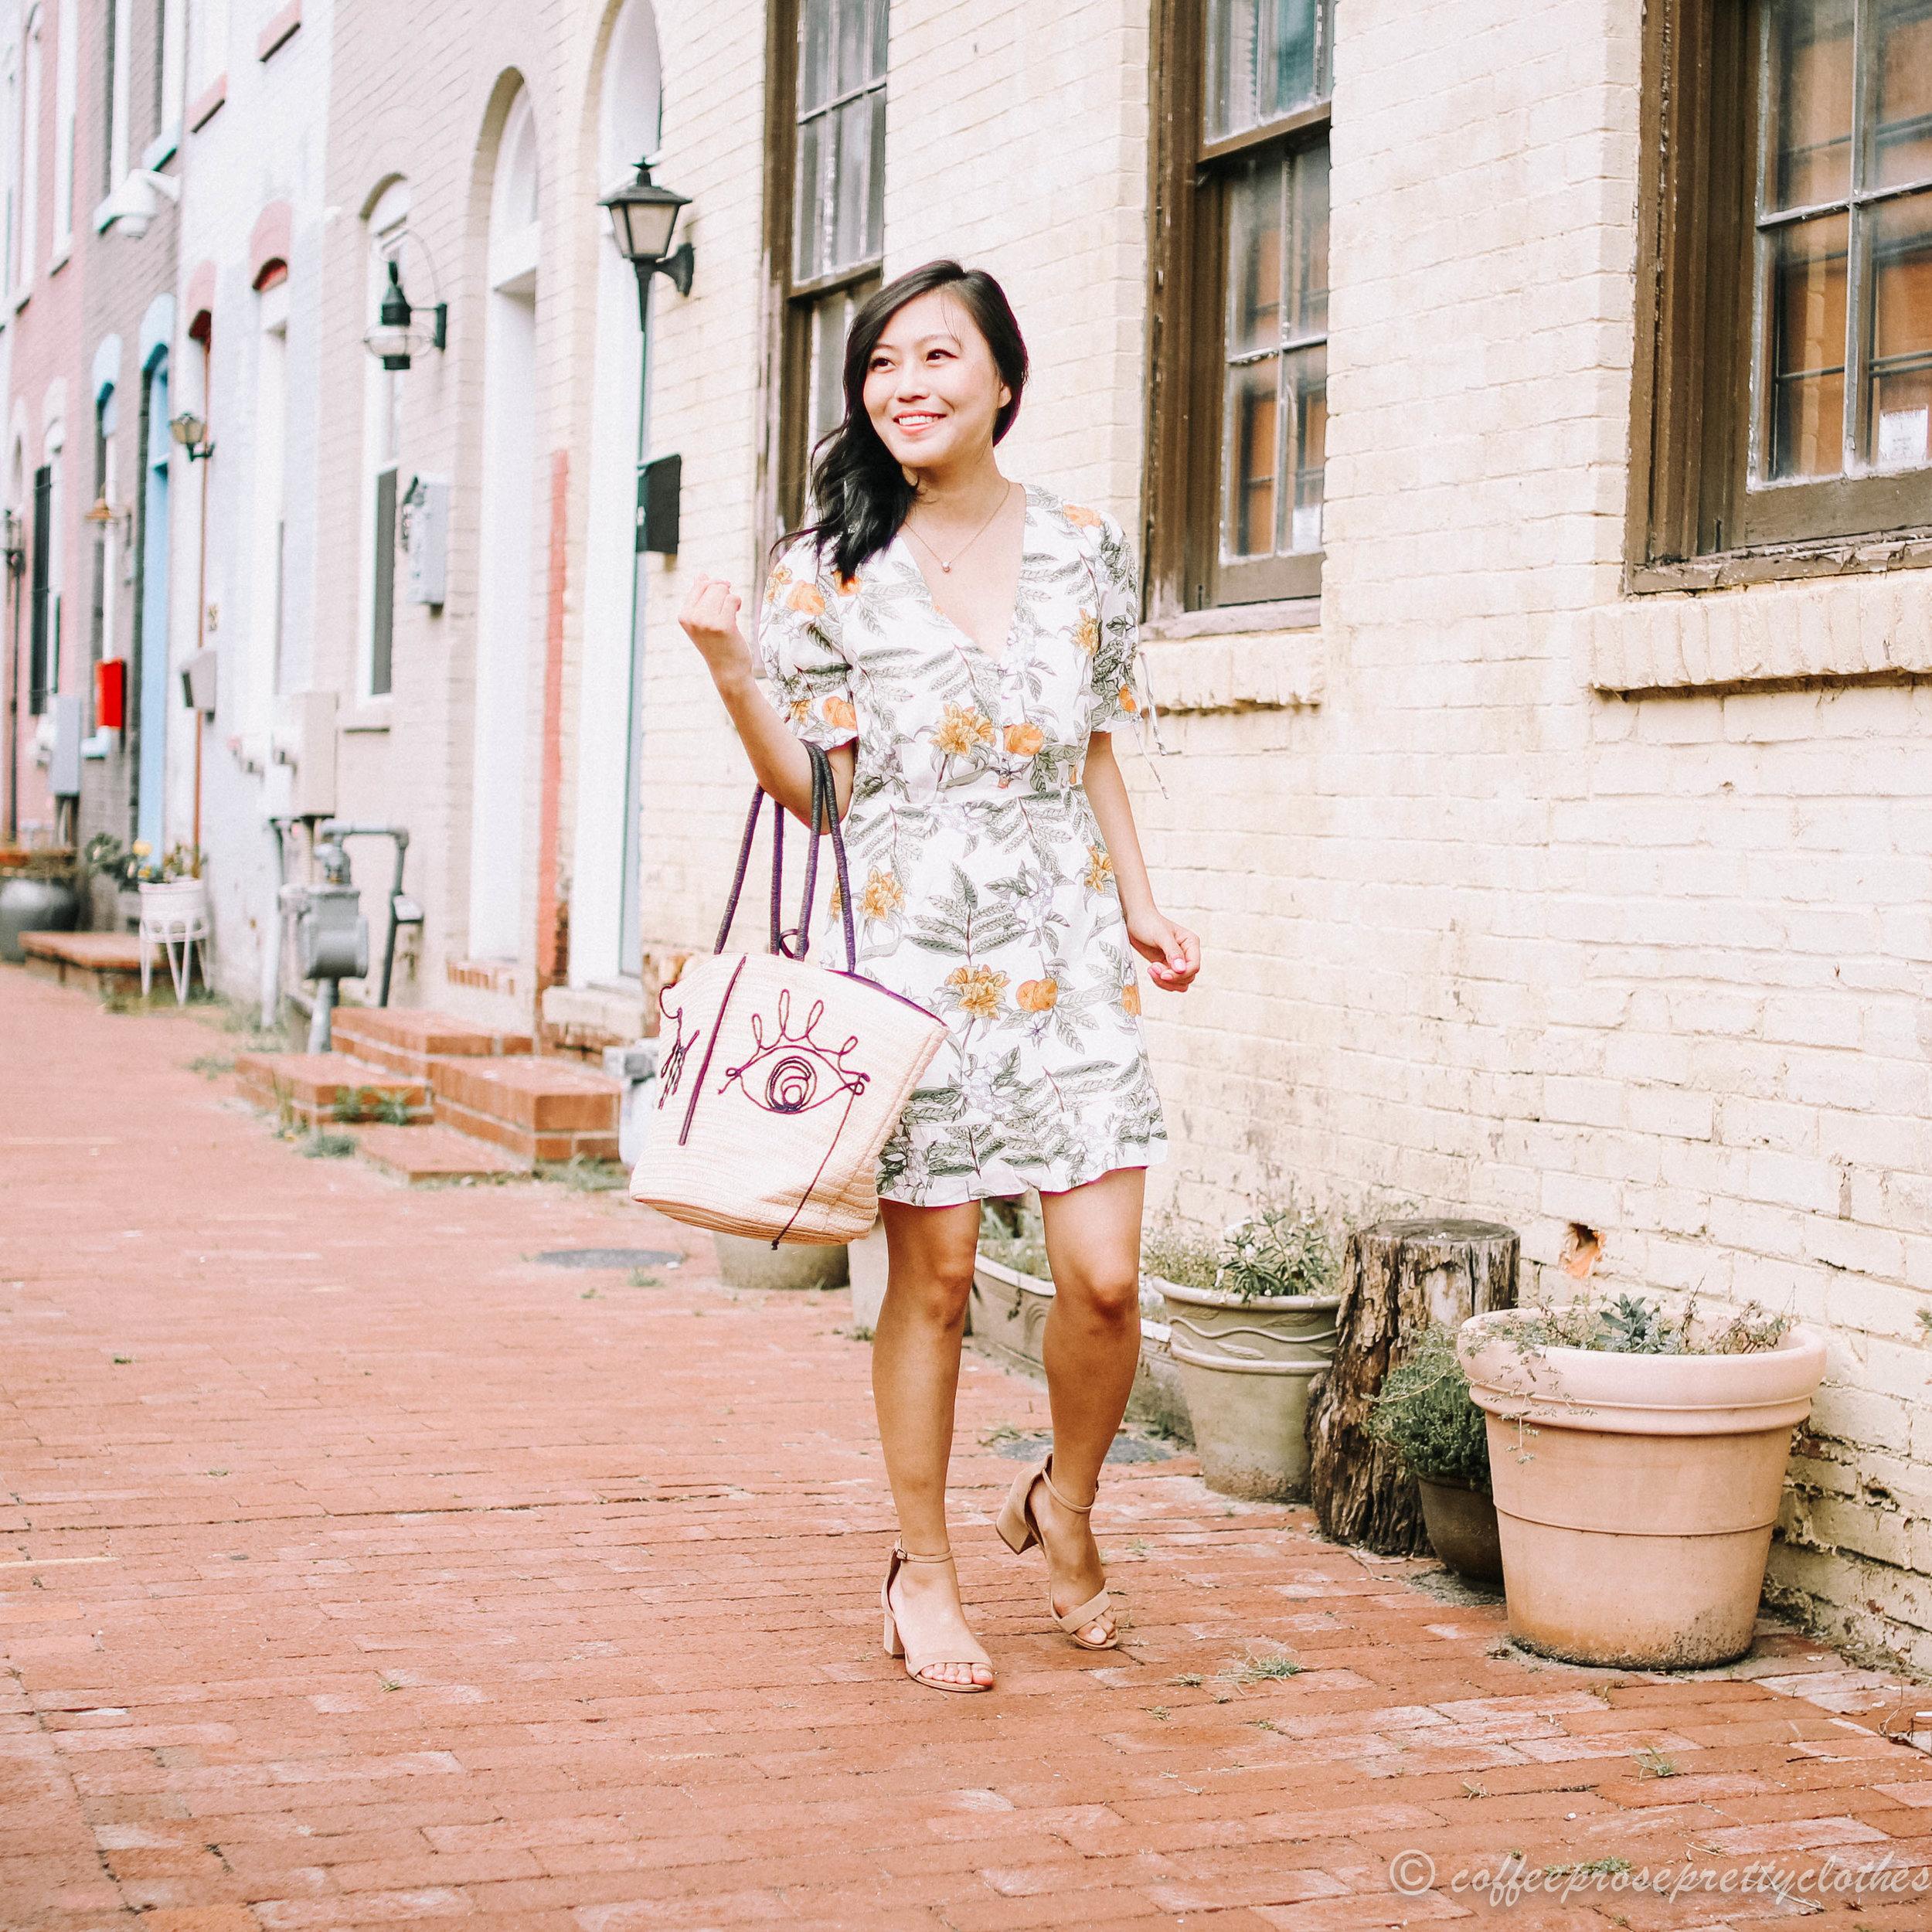 Lemon Dress and Straw Bag